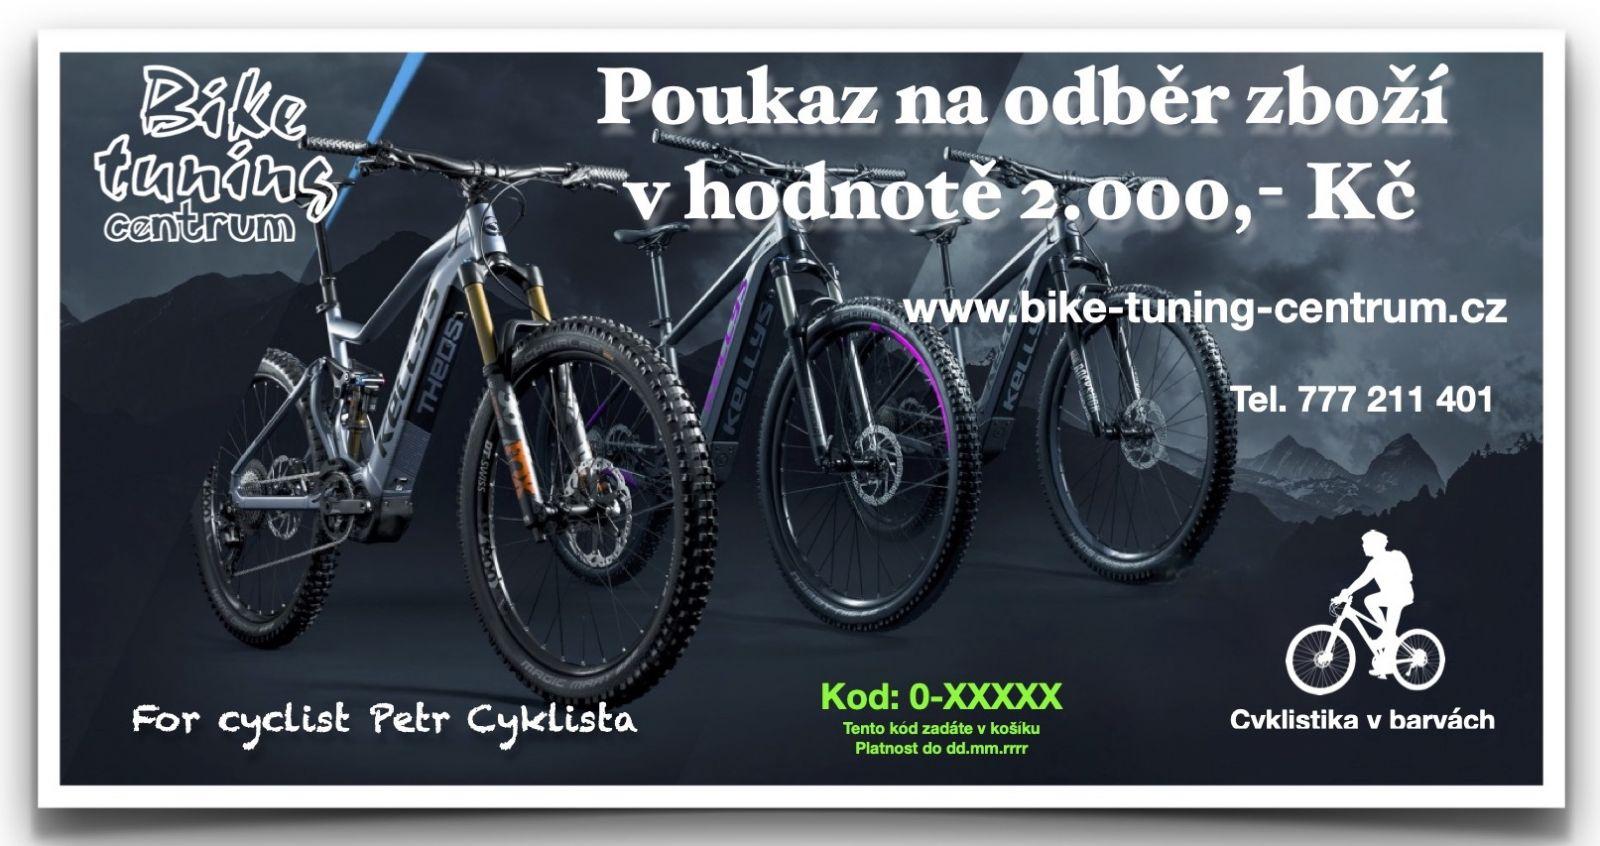 Dárkový poukaz v hodnotě 2.000,- Kč Bike tuning centrum